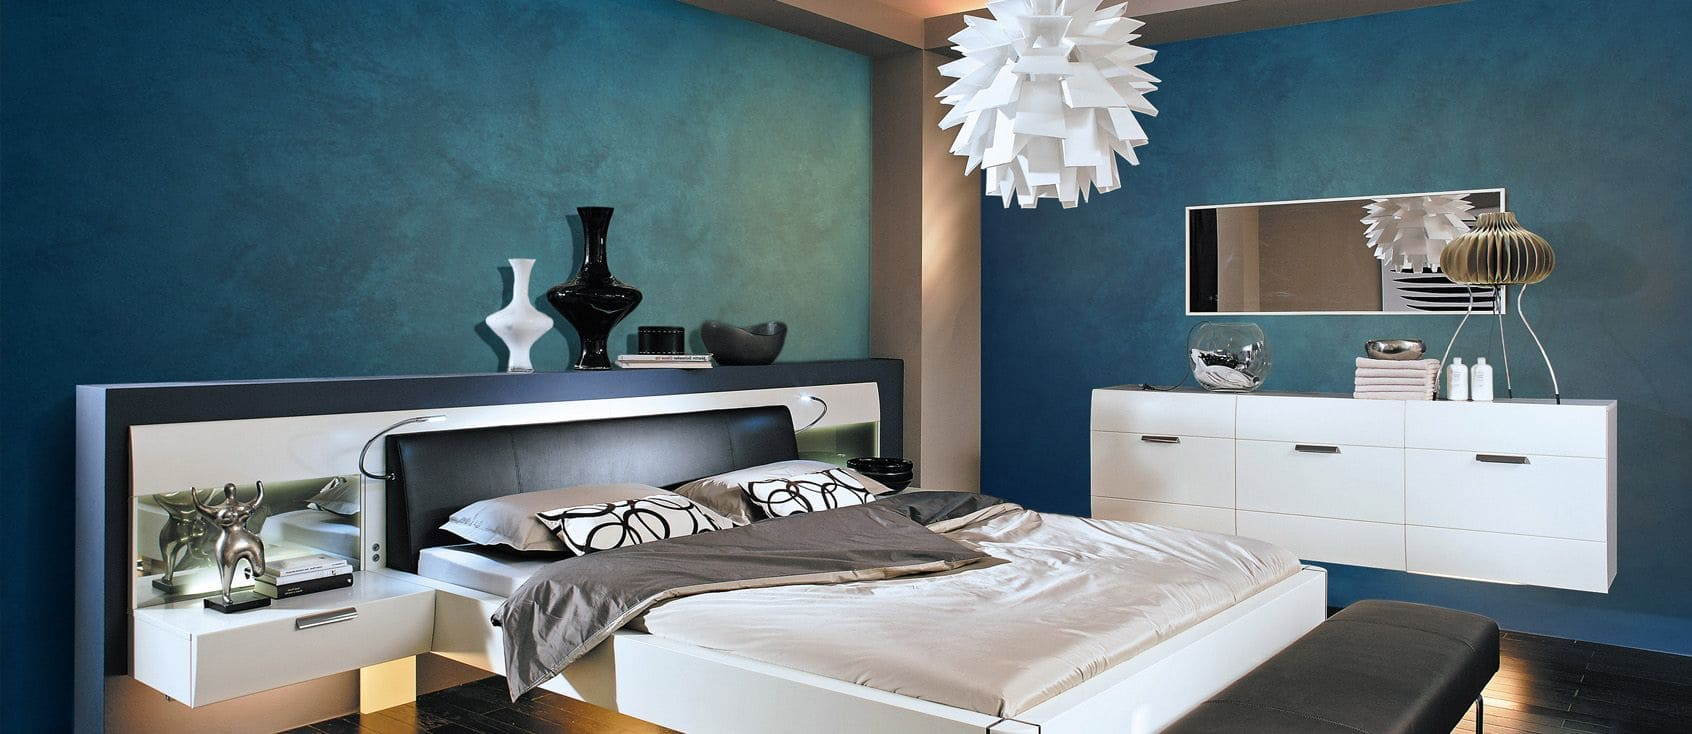 Декоративная штукатурка - лучшие красивые варианты отделки стен в интерьере 017